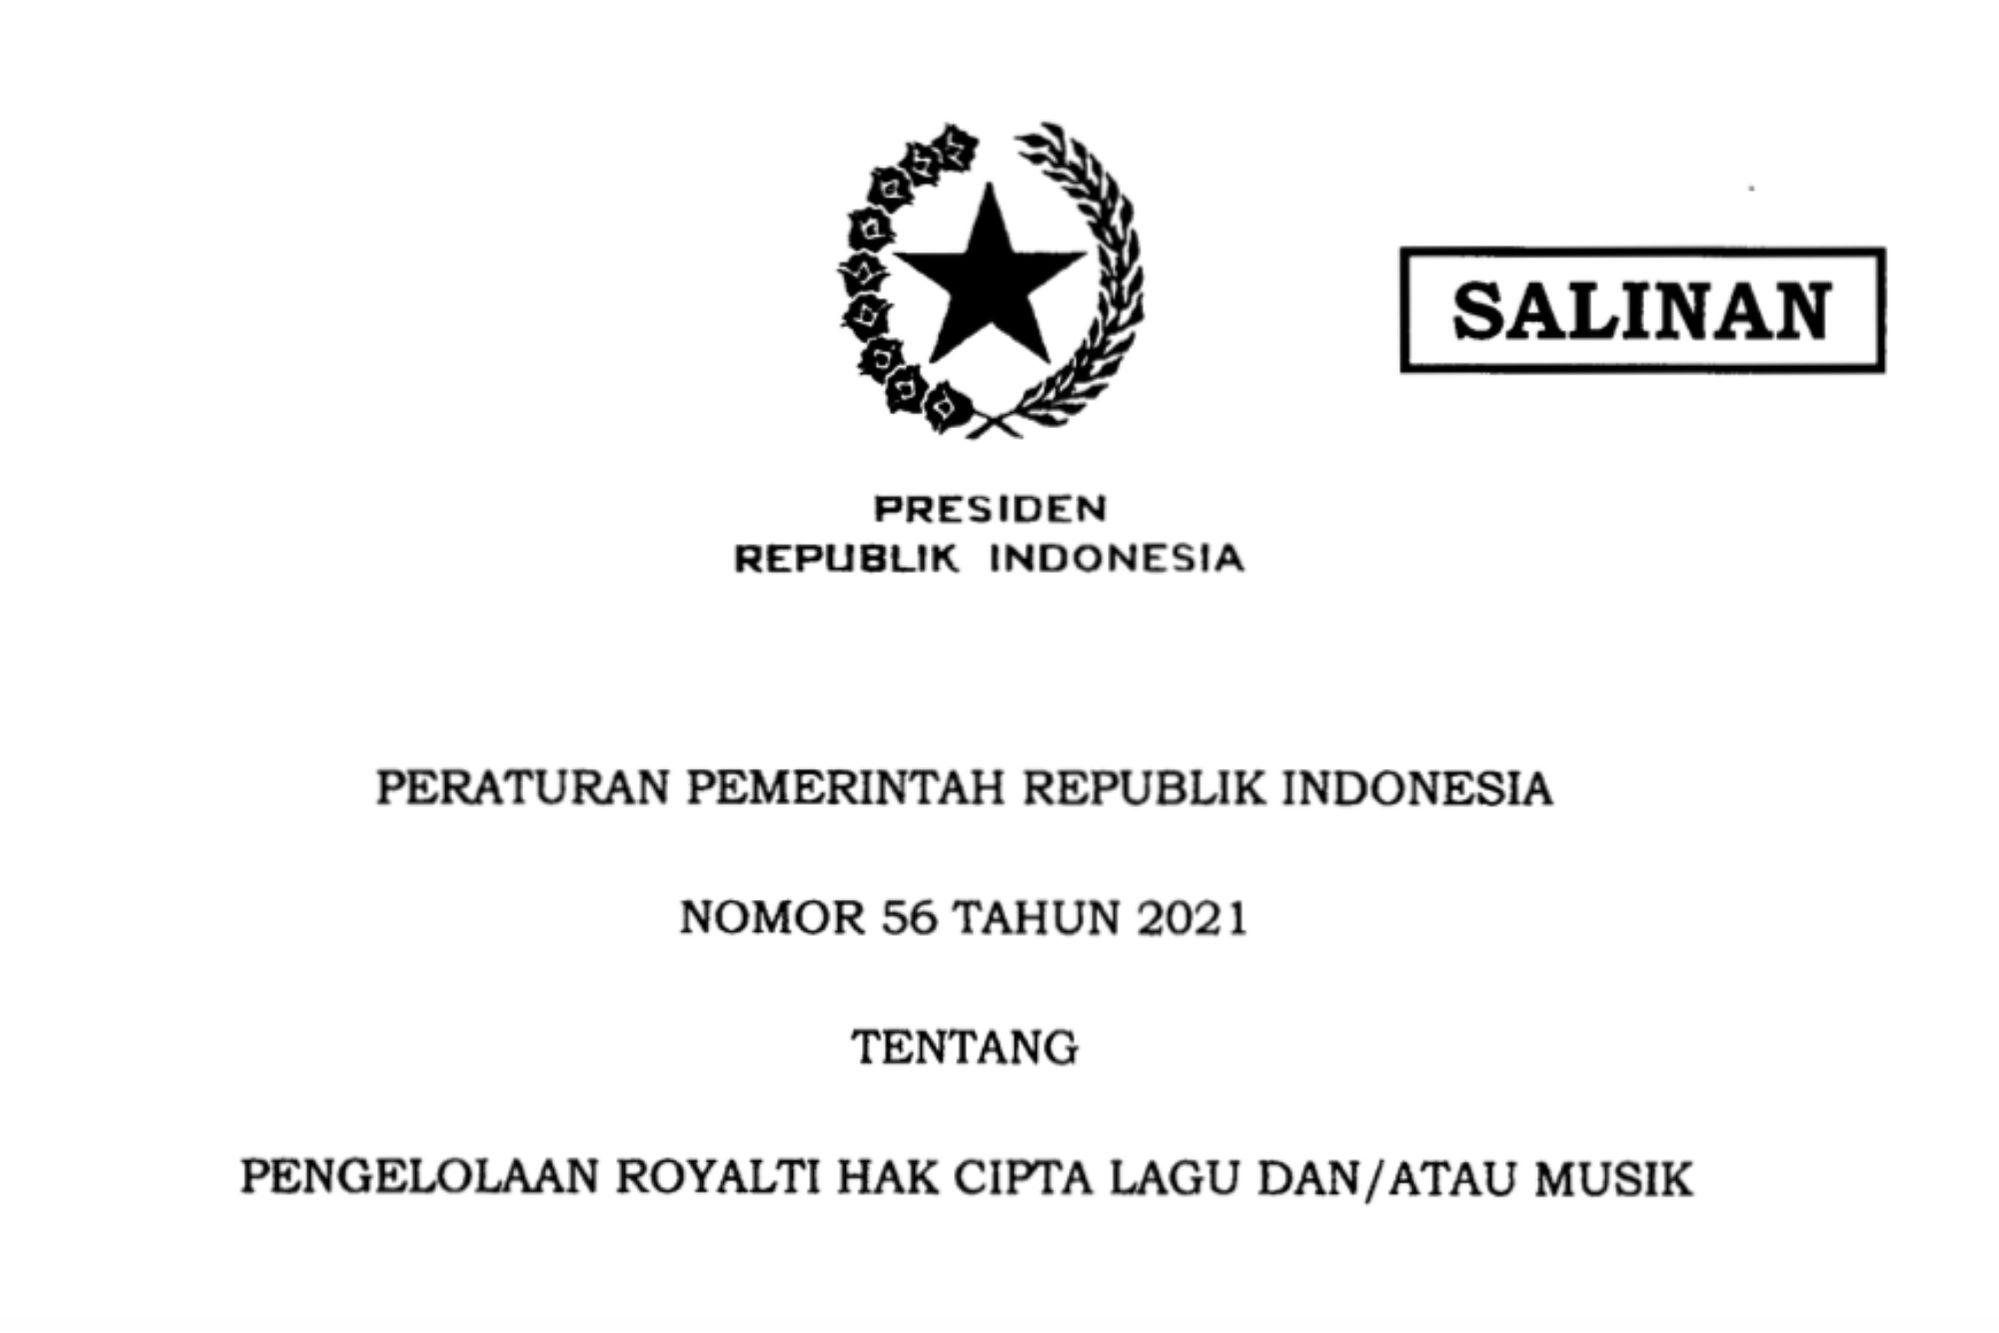 Inilah PP 56/2021 tentang Pengelolaan Royalti Hak Cipta Lagu dan Musik